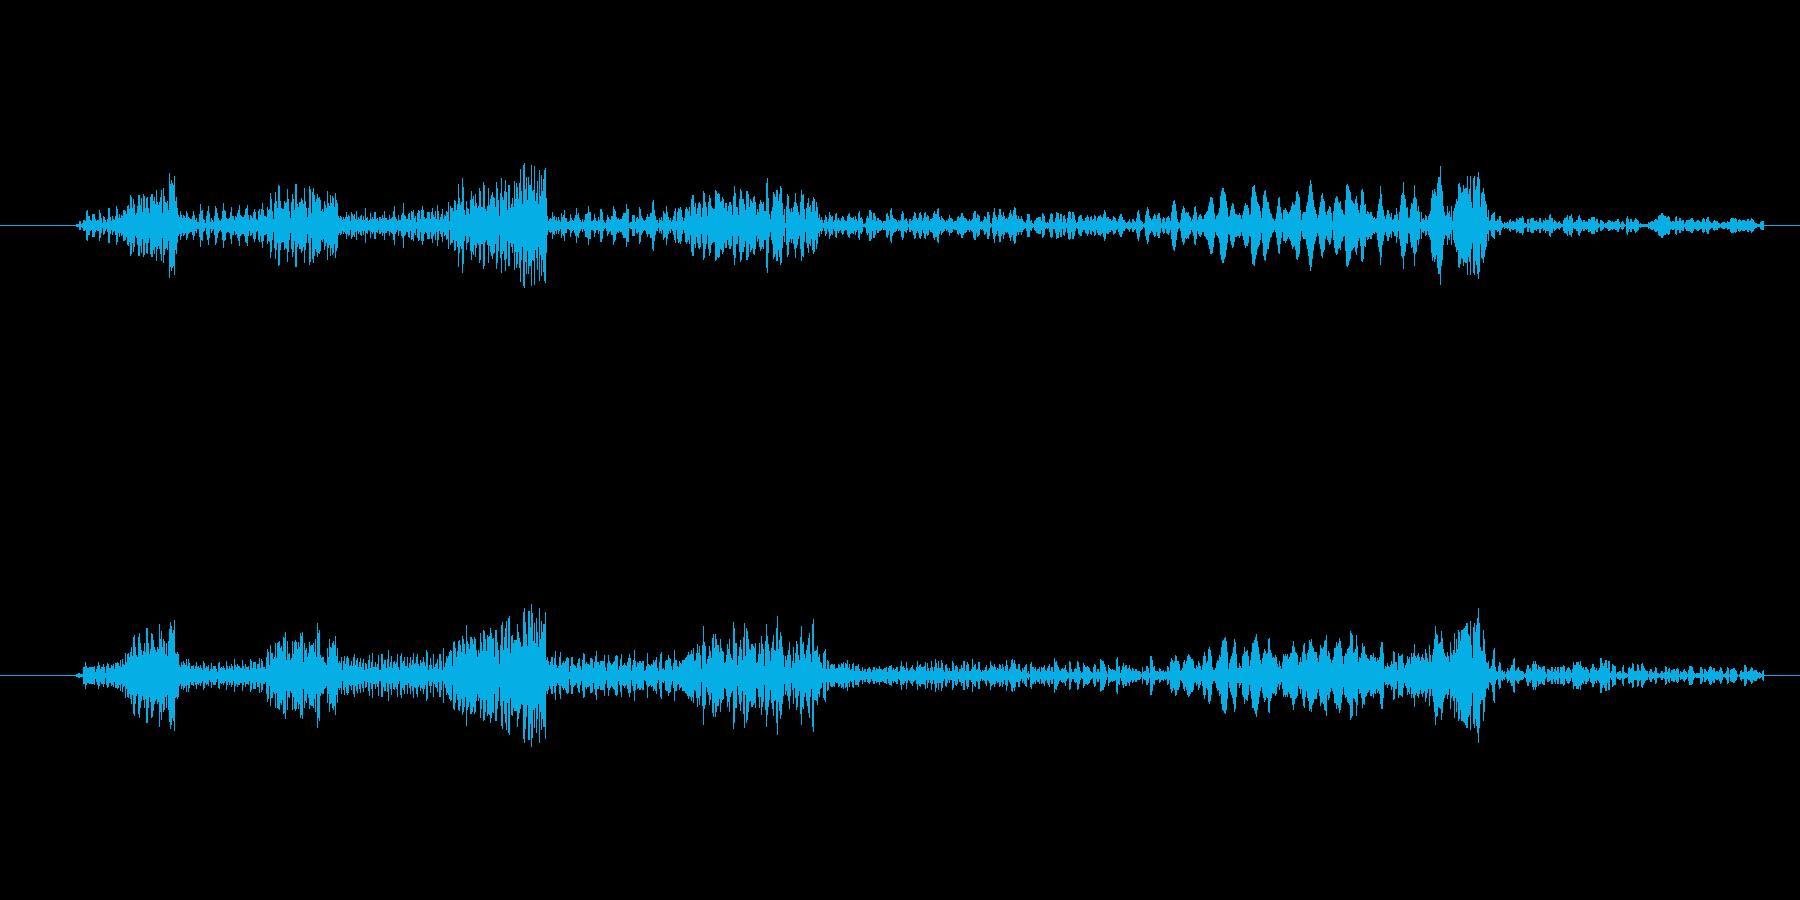 レコード・CDのスクラッチ音(ブレーキ)の再生済みの波形